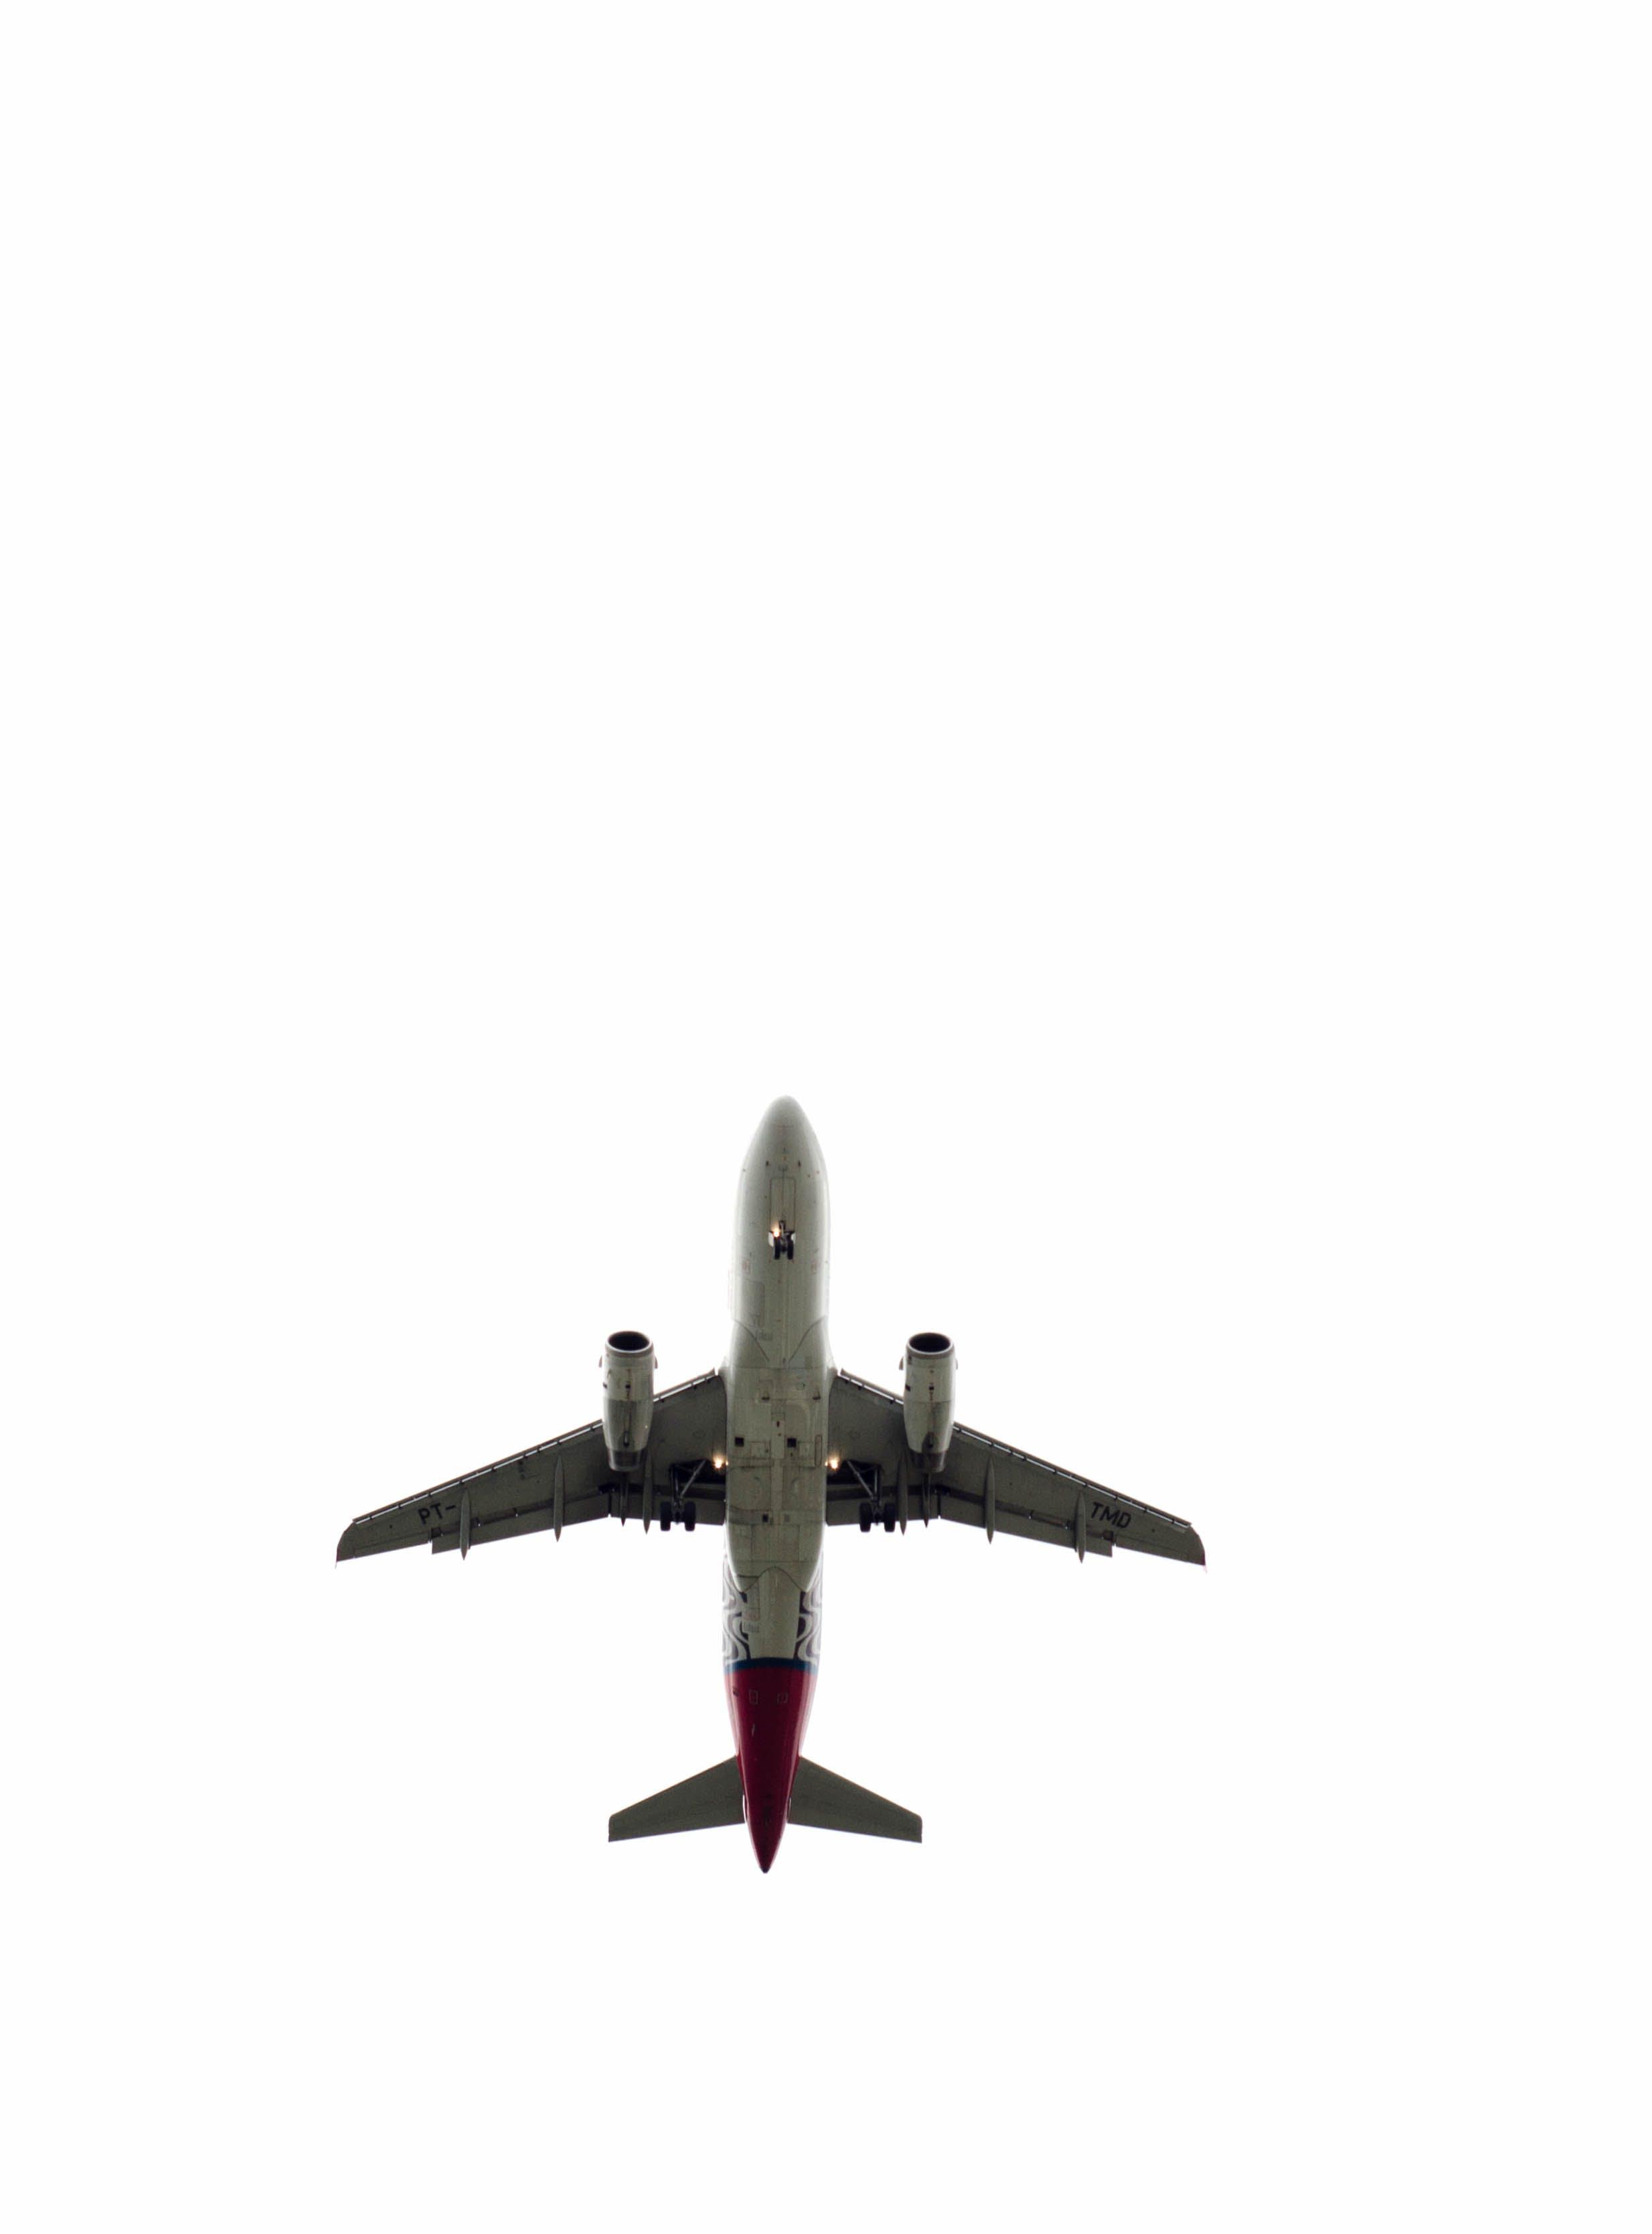 ジェット, ファイター, フライト, レトロの無料の写真素材